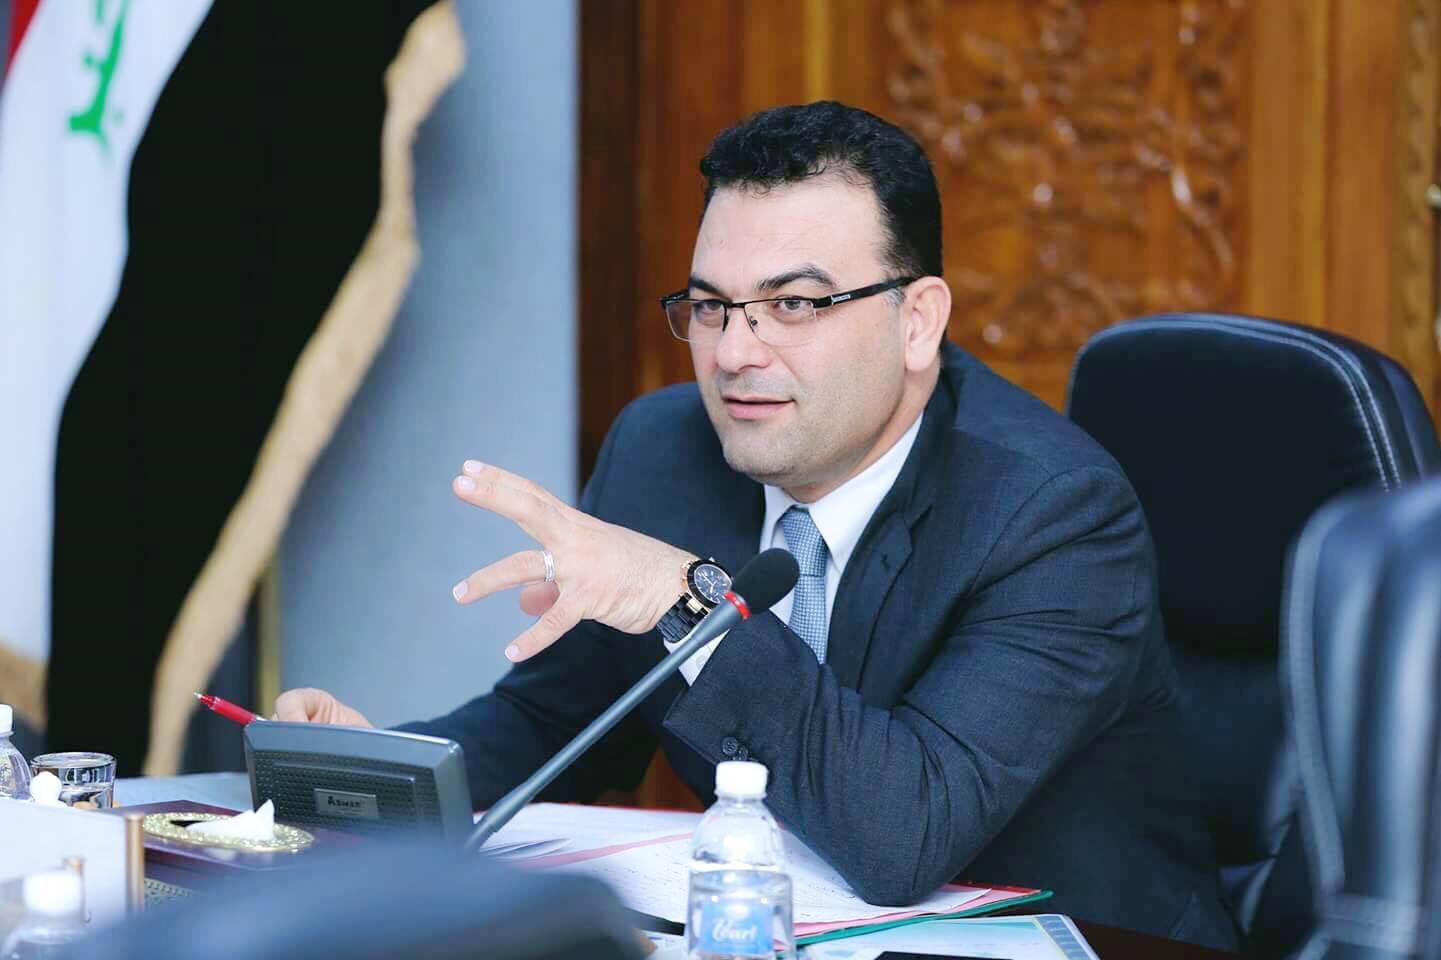 وزير الهجرة: ملف اعادة النازحين يحتاج لتنسيق عال مع كافة الجهات المعنية